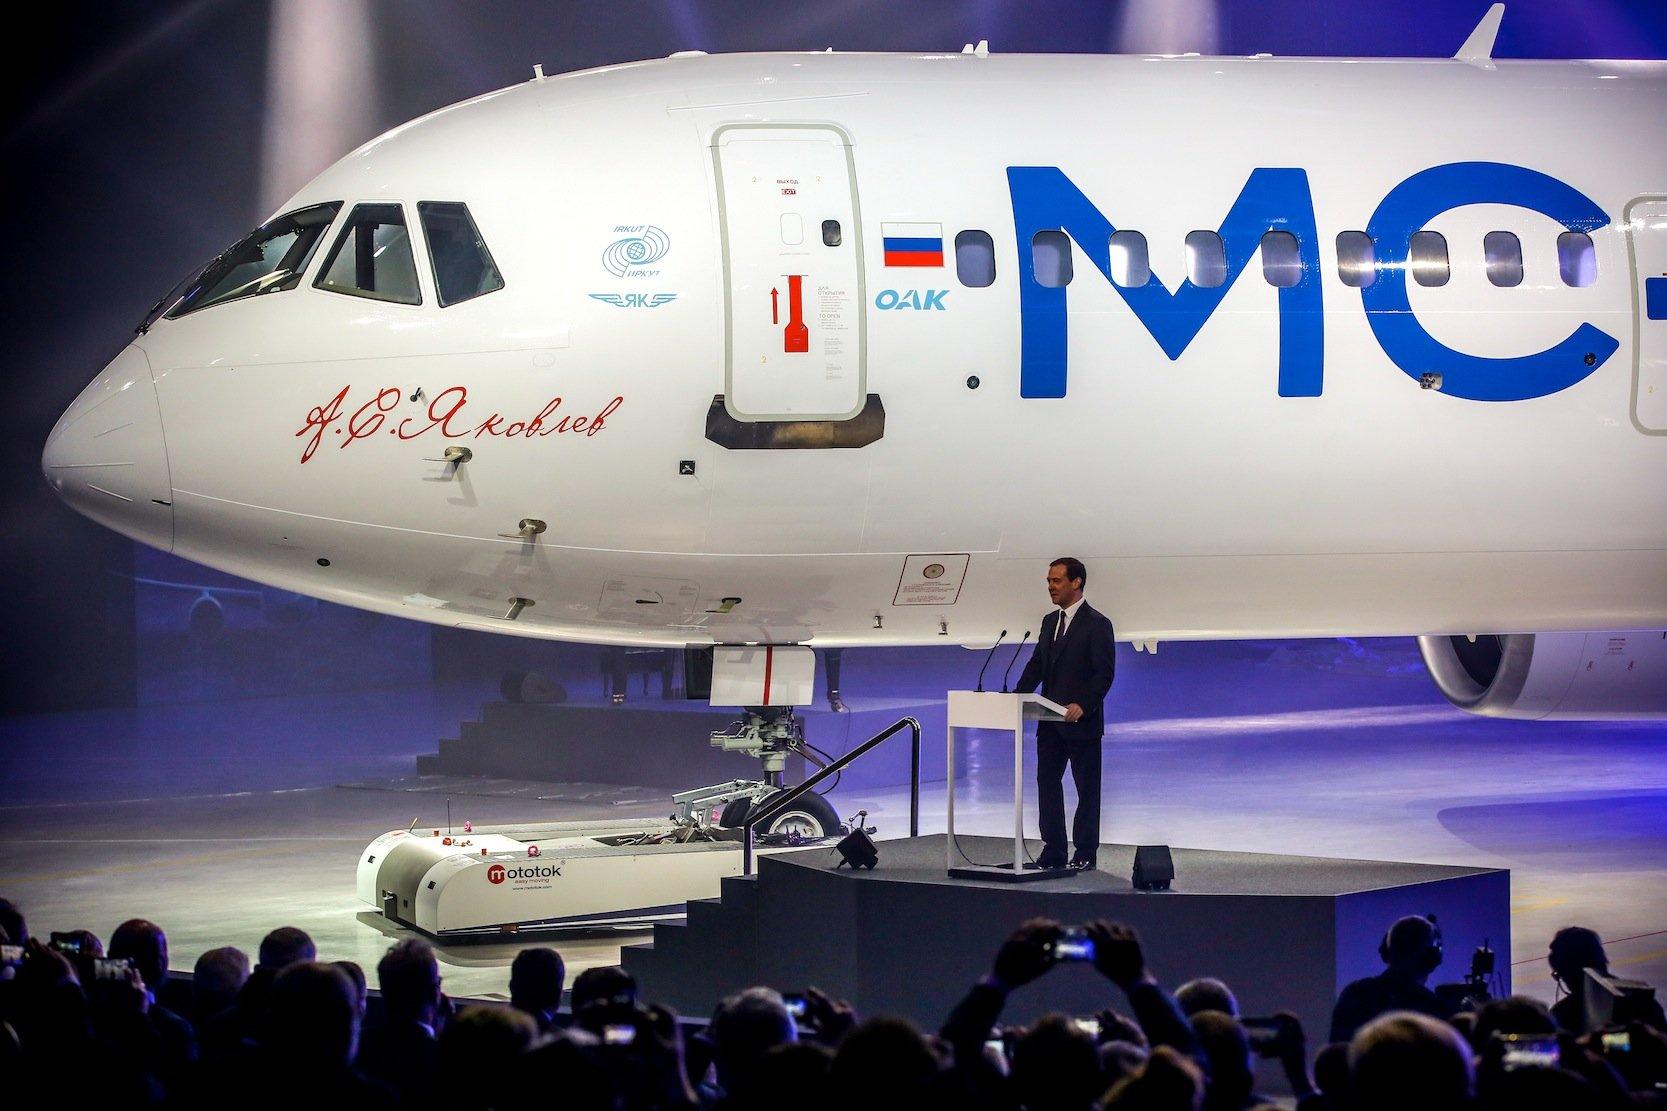 """Der russischeRegierungschef Dmitri Medwedew hat Irkut als """"Stolz der russischen zivilen Luftfahrt"""" gelobt, als er den Mittelstreckenjet MS-21 vorstellte."""